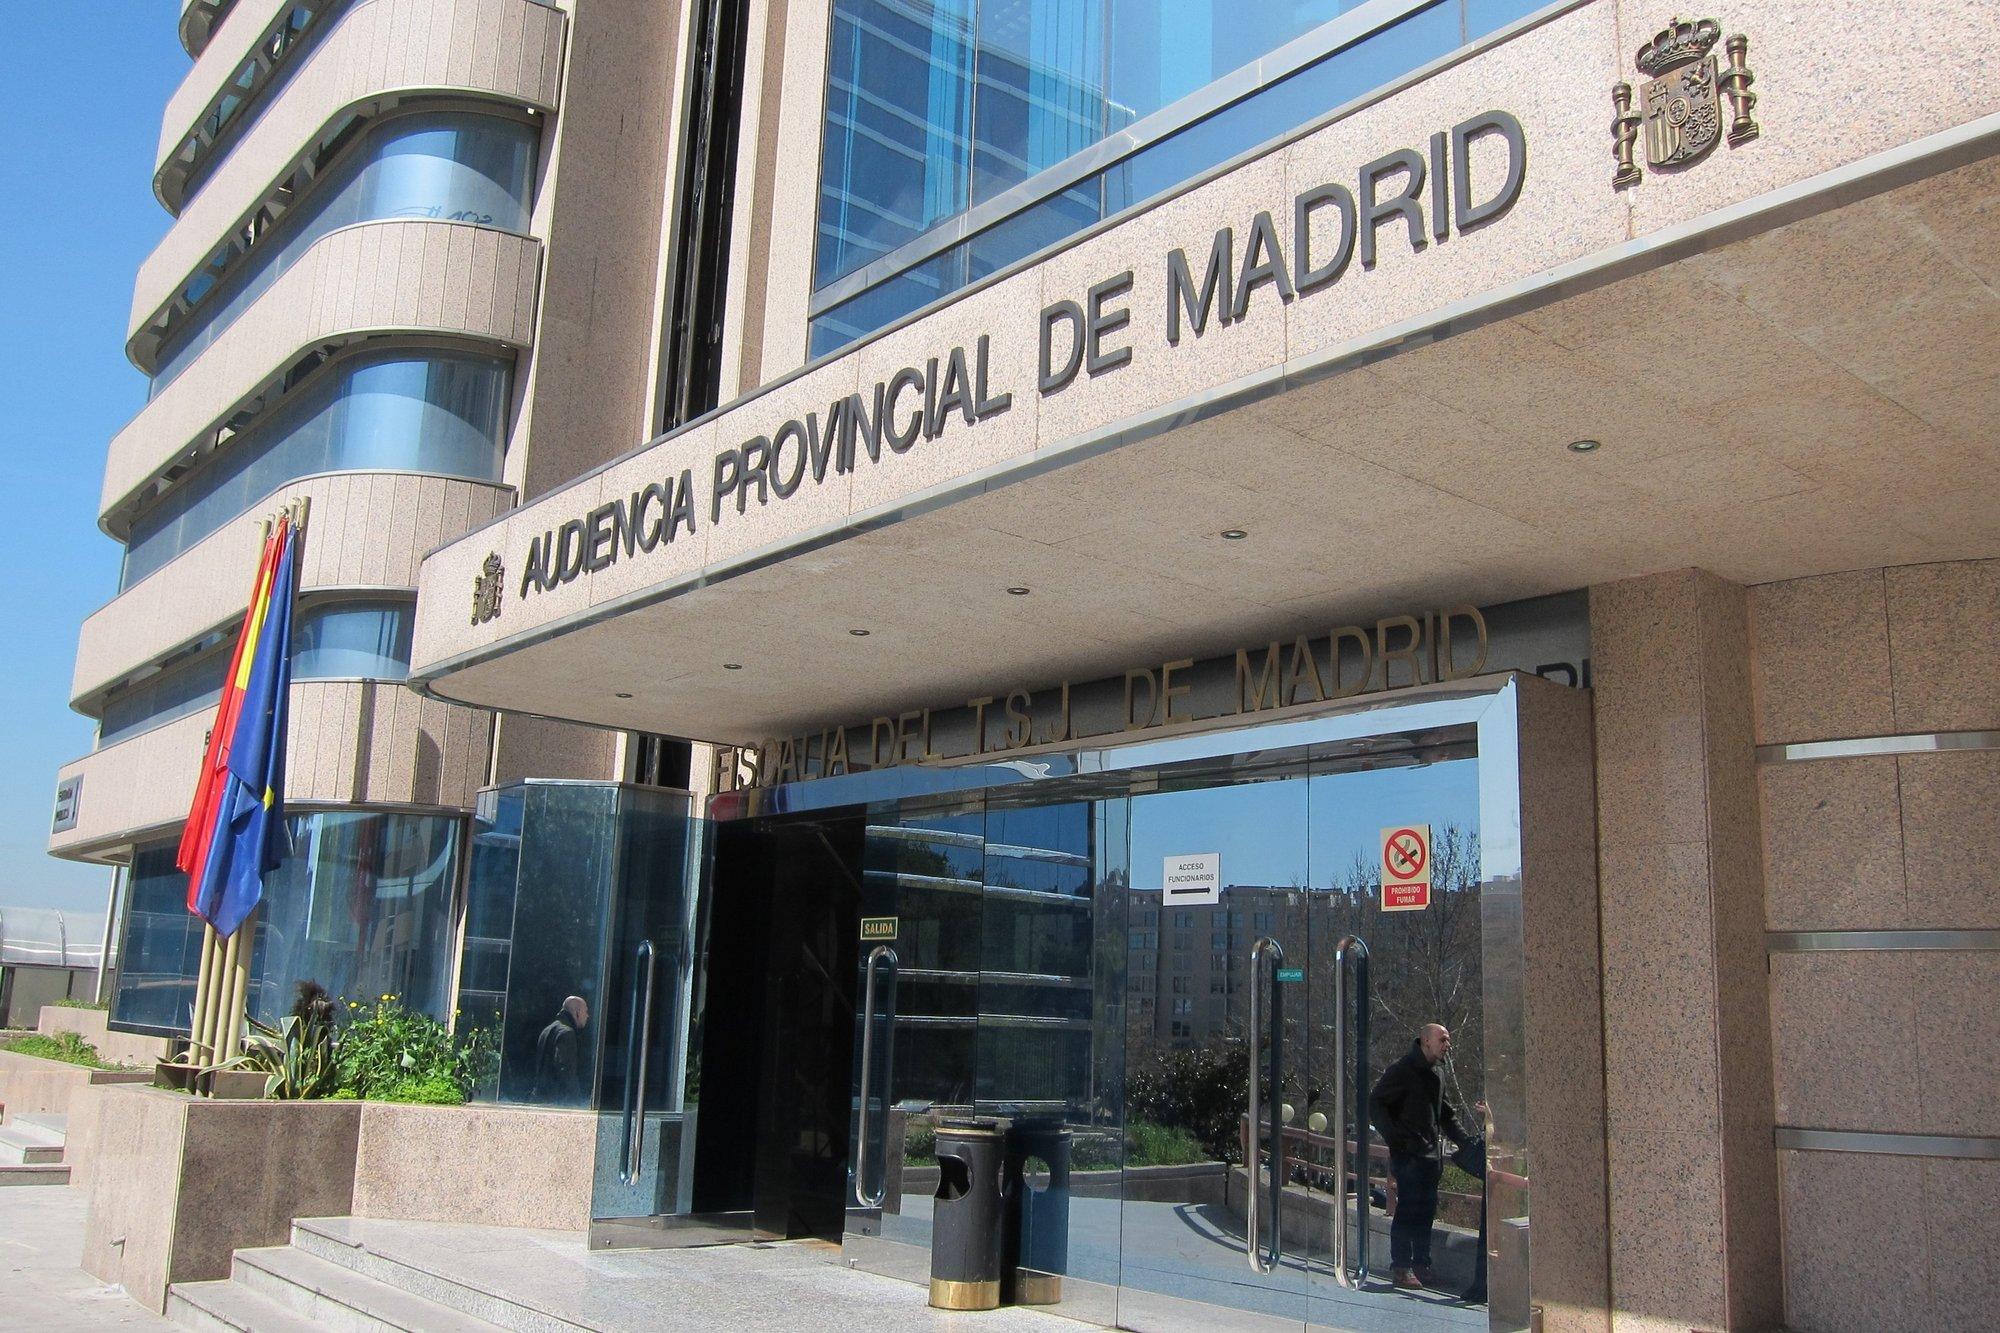 Un ex alcalde de Aranjuez se desvincula de favores a constructoras al declarar que no era su competencia